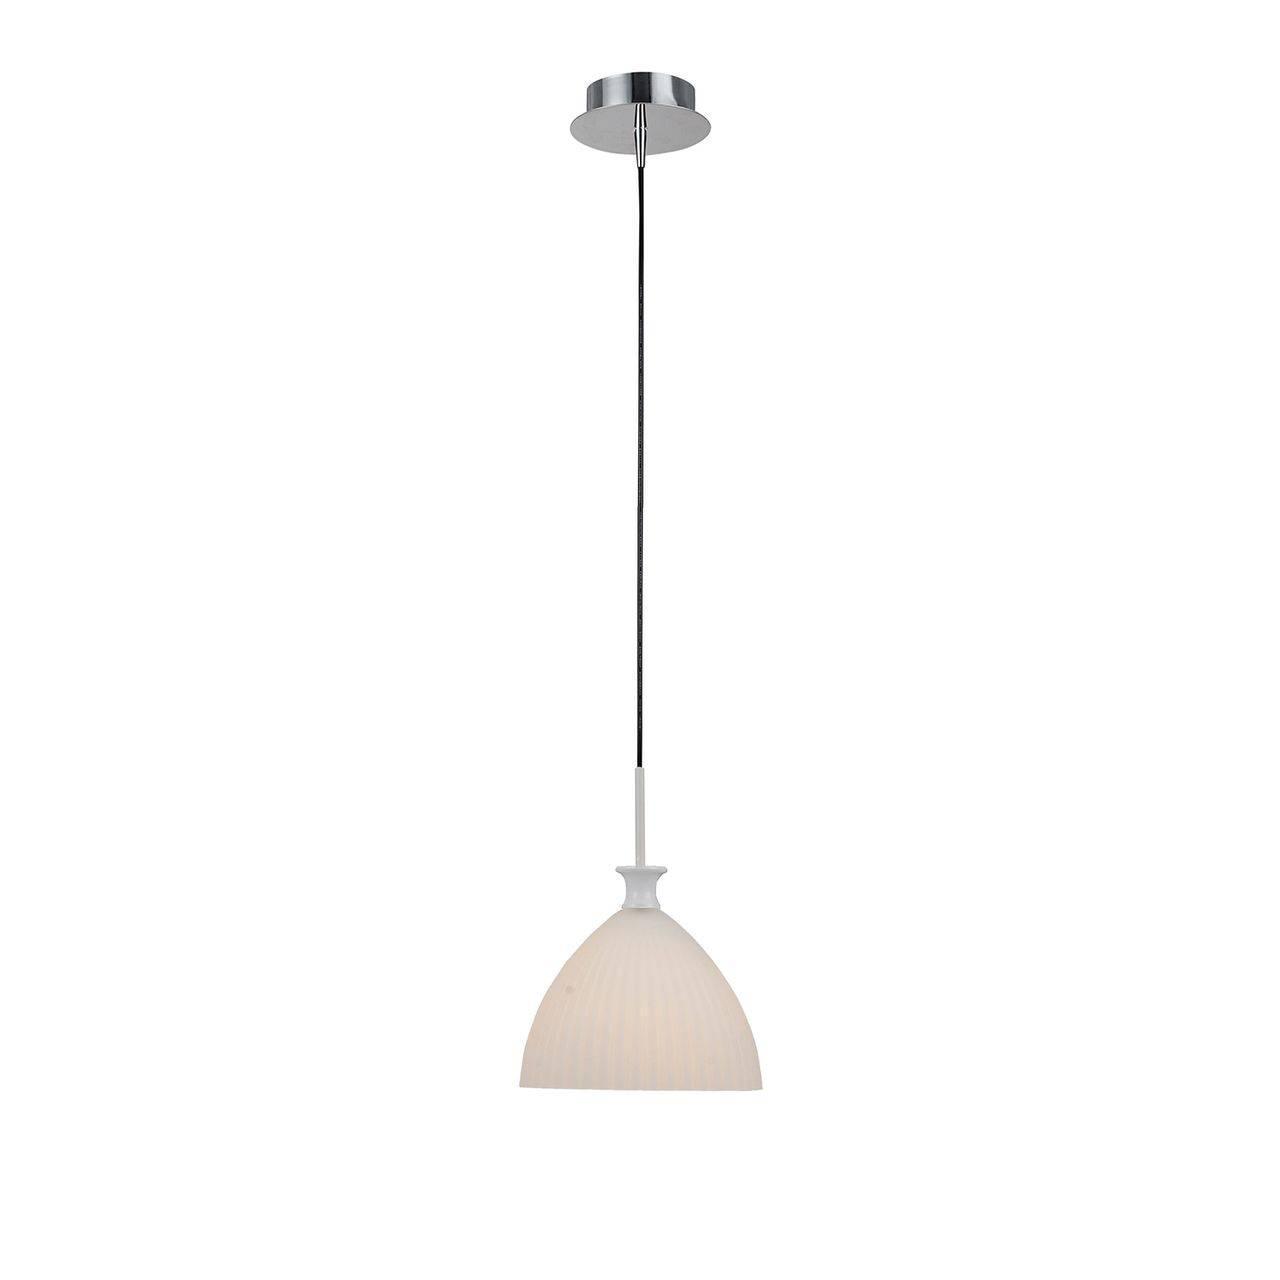 Подвесной светильник Lightstar Simple Light 810 810020 цена